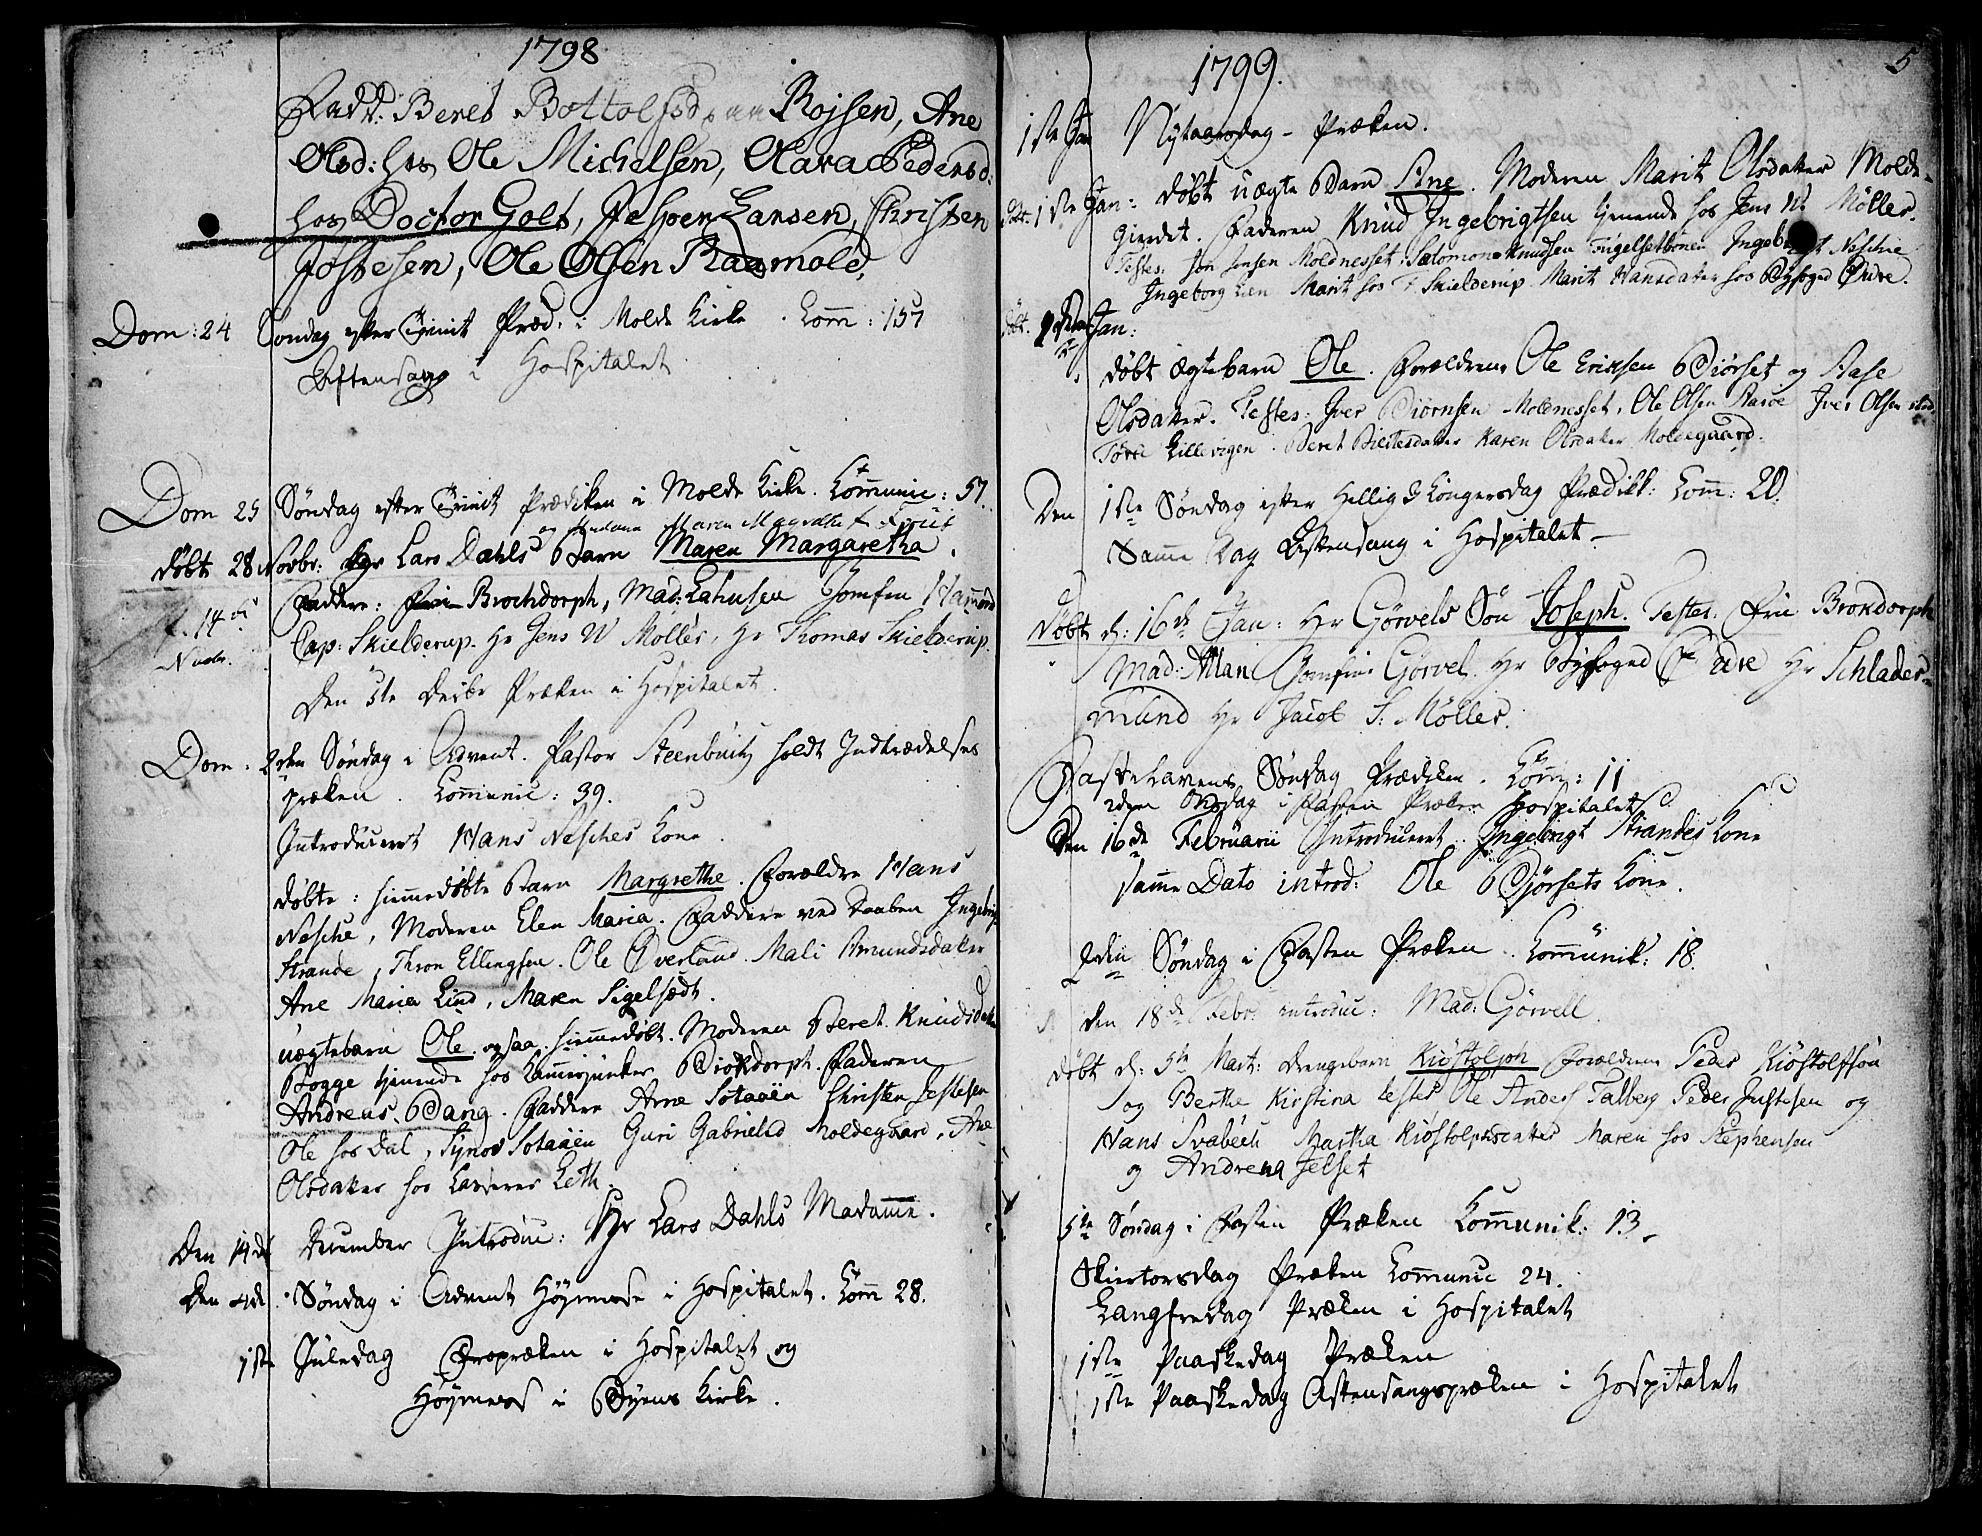 SAT, Ministerialprotokoller, klokkerbøker og fødselsregistre - Møre og Romsdal, 558/L0687: Ministerialbok nr. 558A01, 1798-1818, s. 5